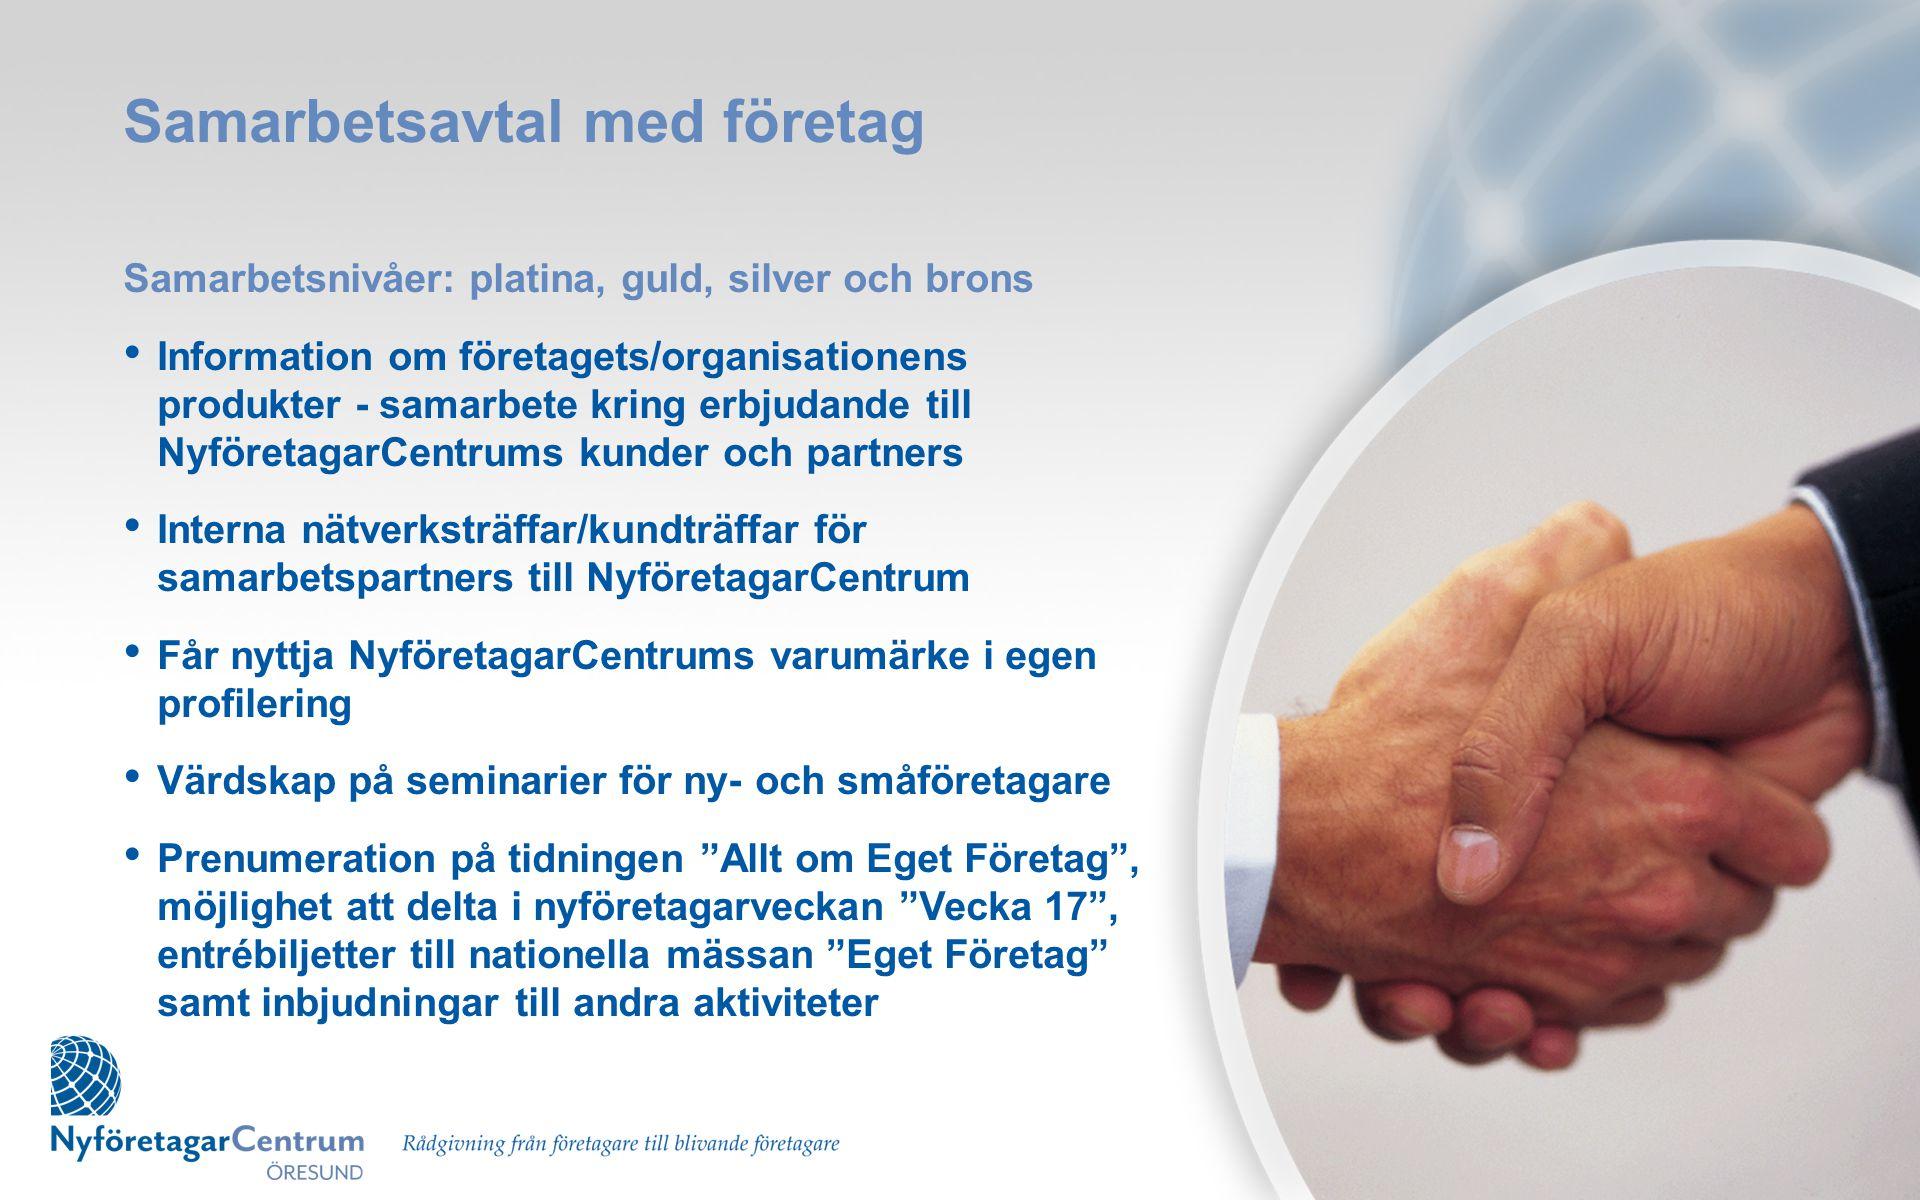 Samarbetsavtal med företag